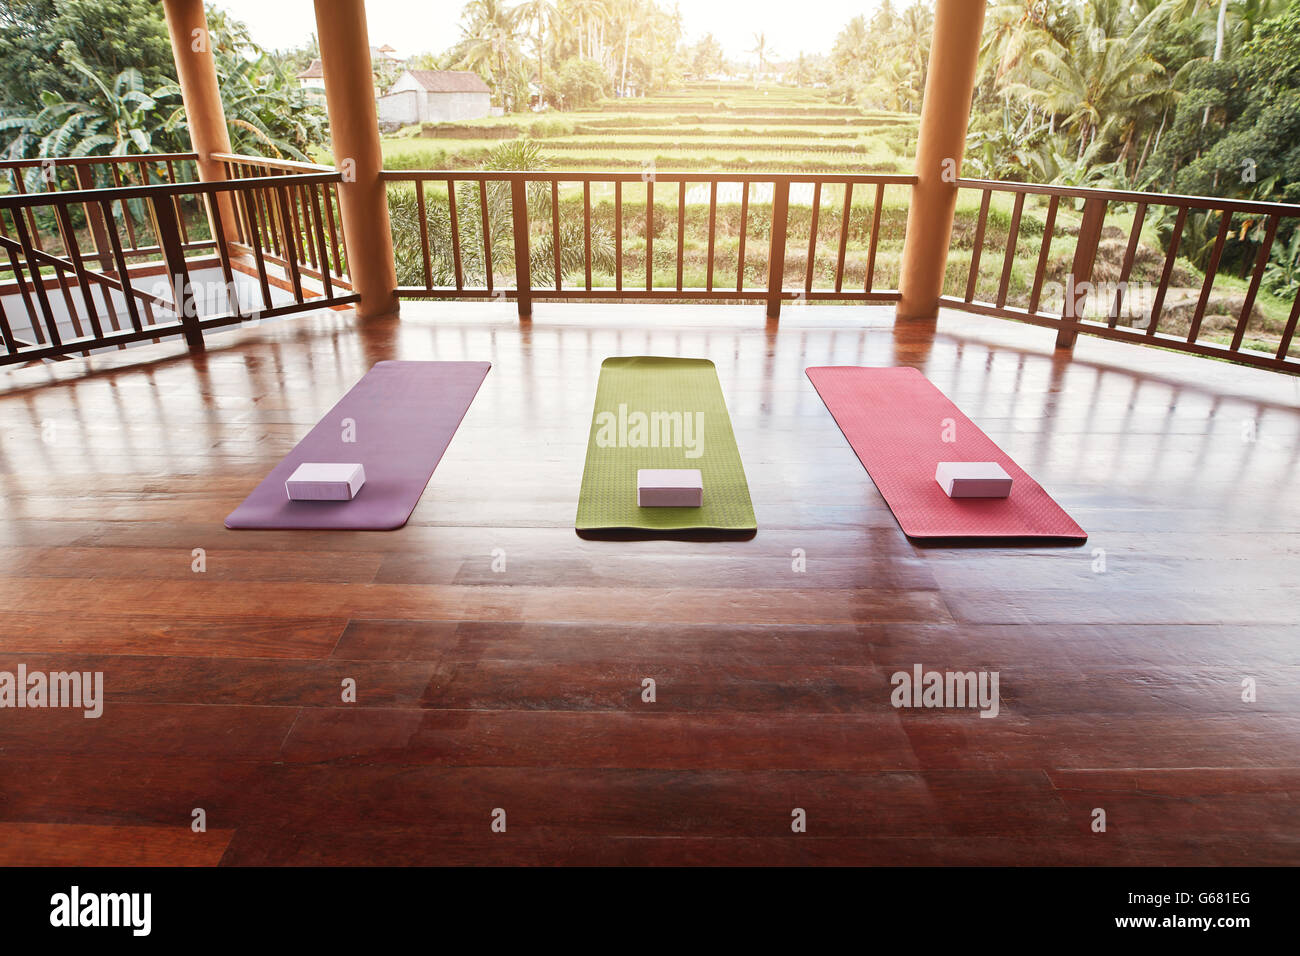 Vuoto studio di yoga con tappeto coloratissimo e yoga mattone. Immagini Stock